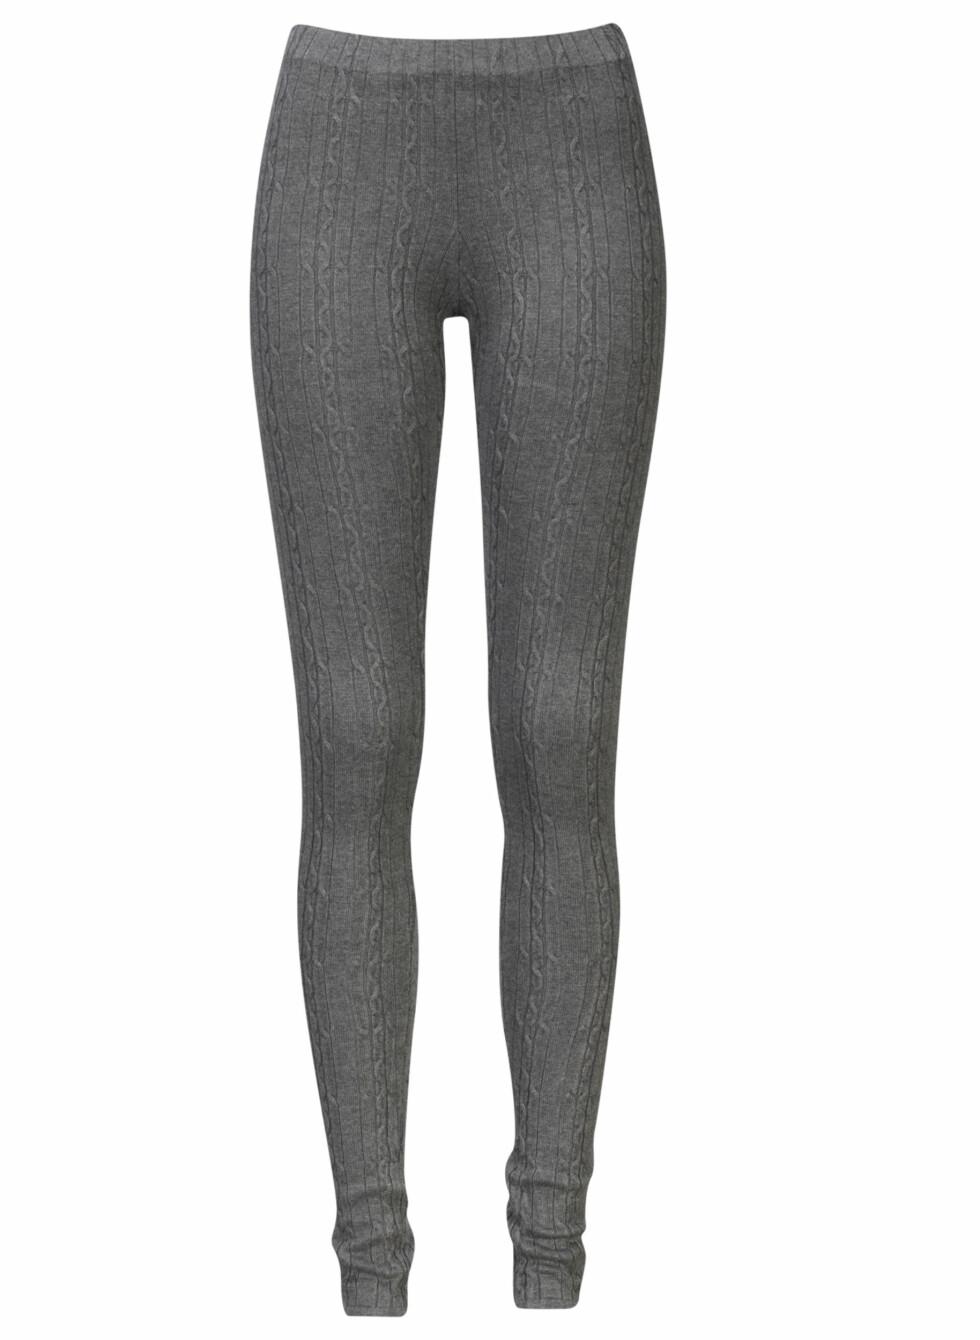 Ribbestrikket leggings (kr.249). Foto: Produsenten